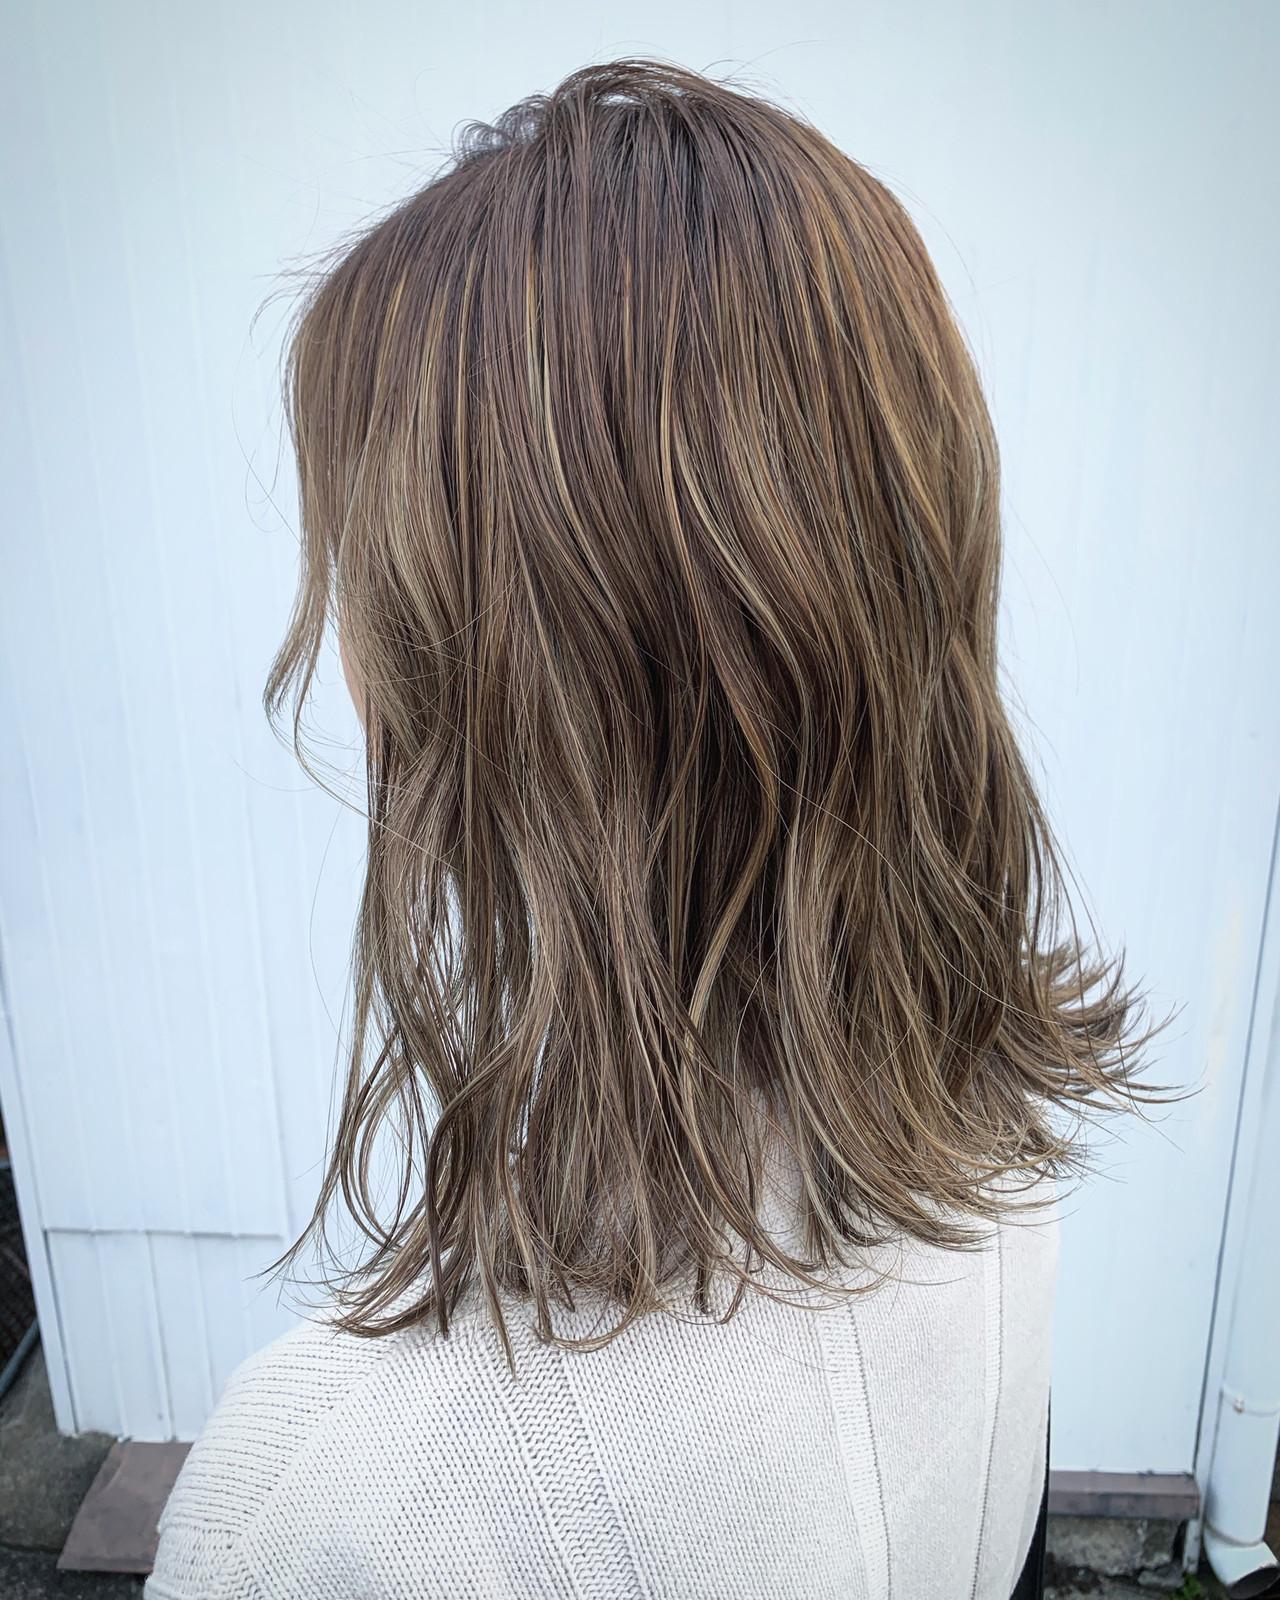 切りっぱなしボブ ミディアム アッシュグレージュ ブルーアッシュ ヘアスタイルや髪型の写真・画像